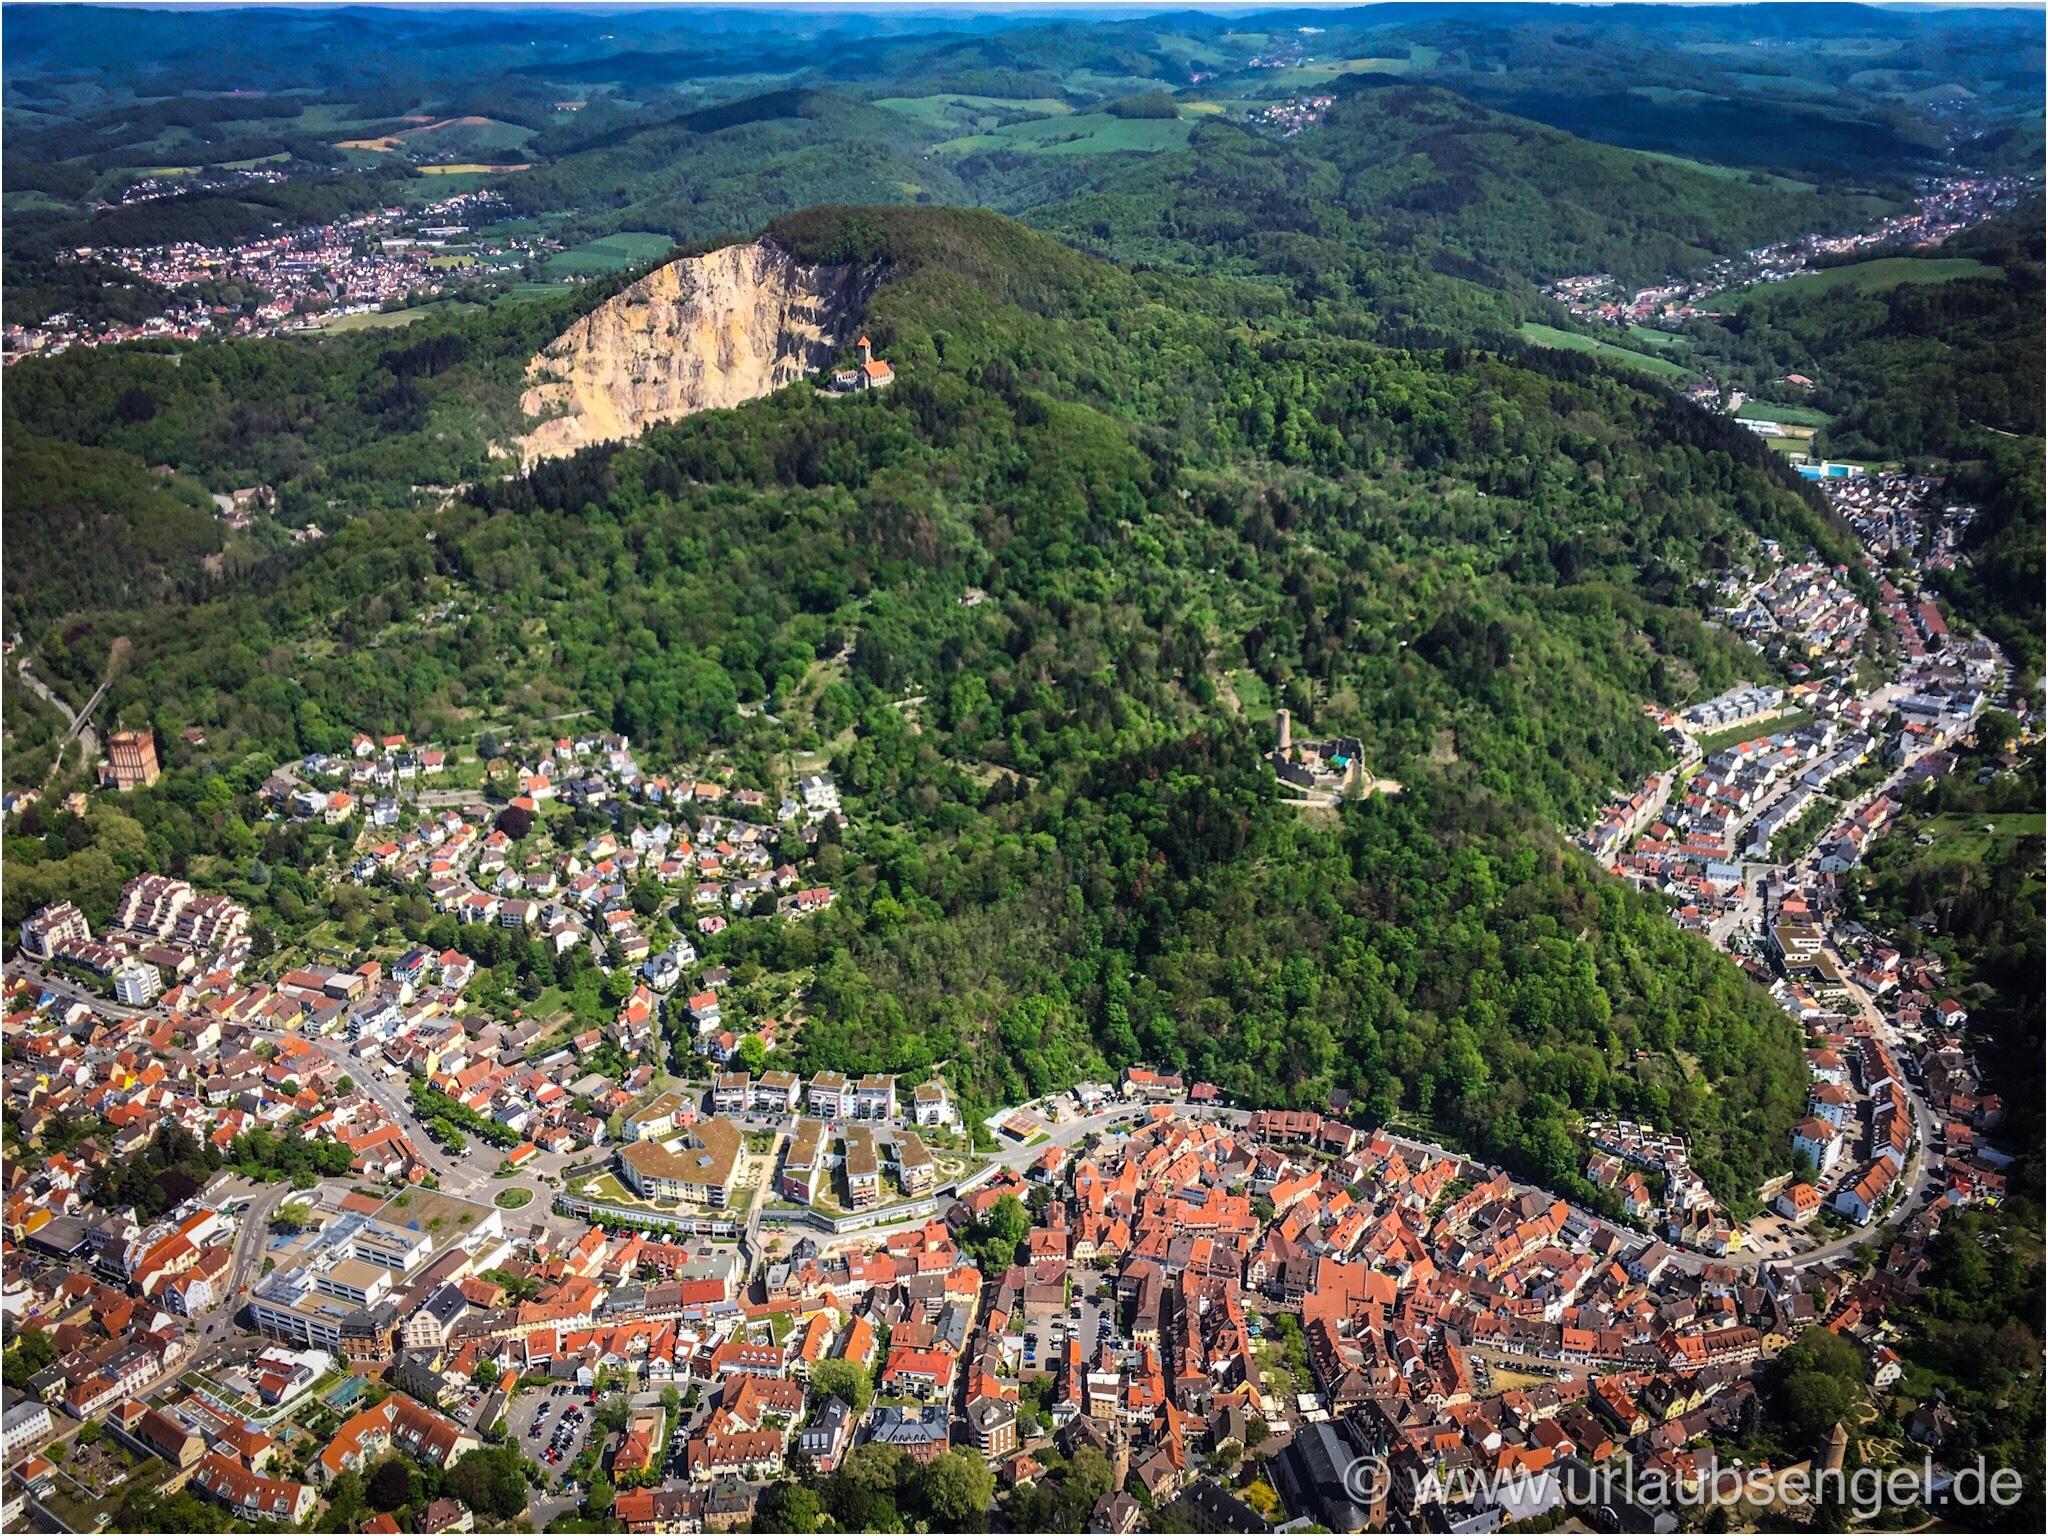 Luftbild Weinheim aus dem Gyrocopter